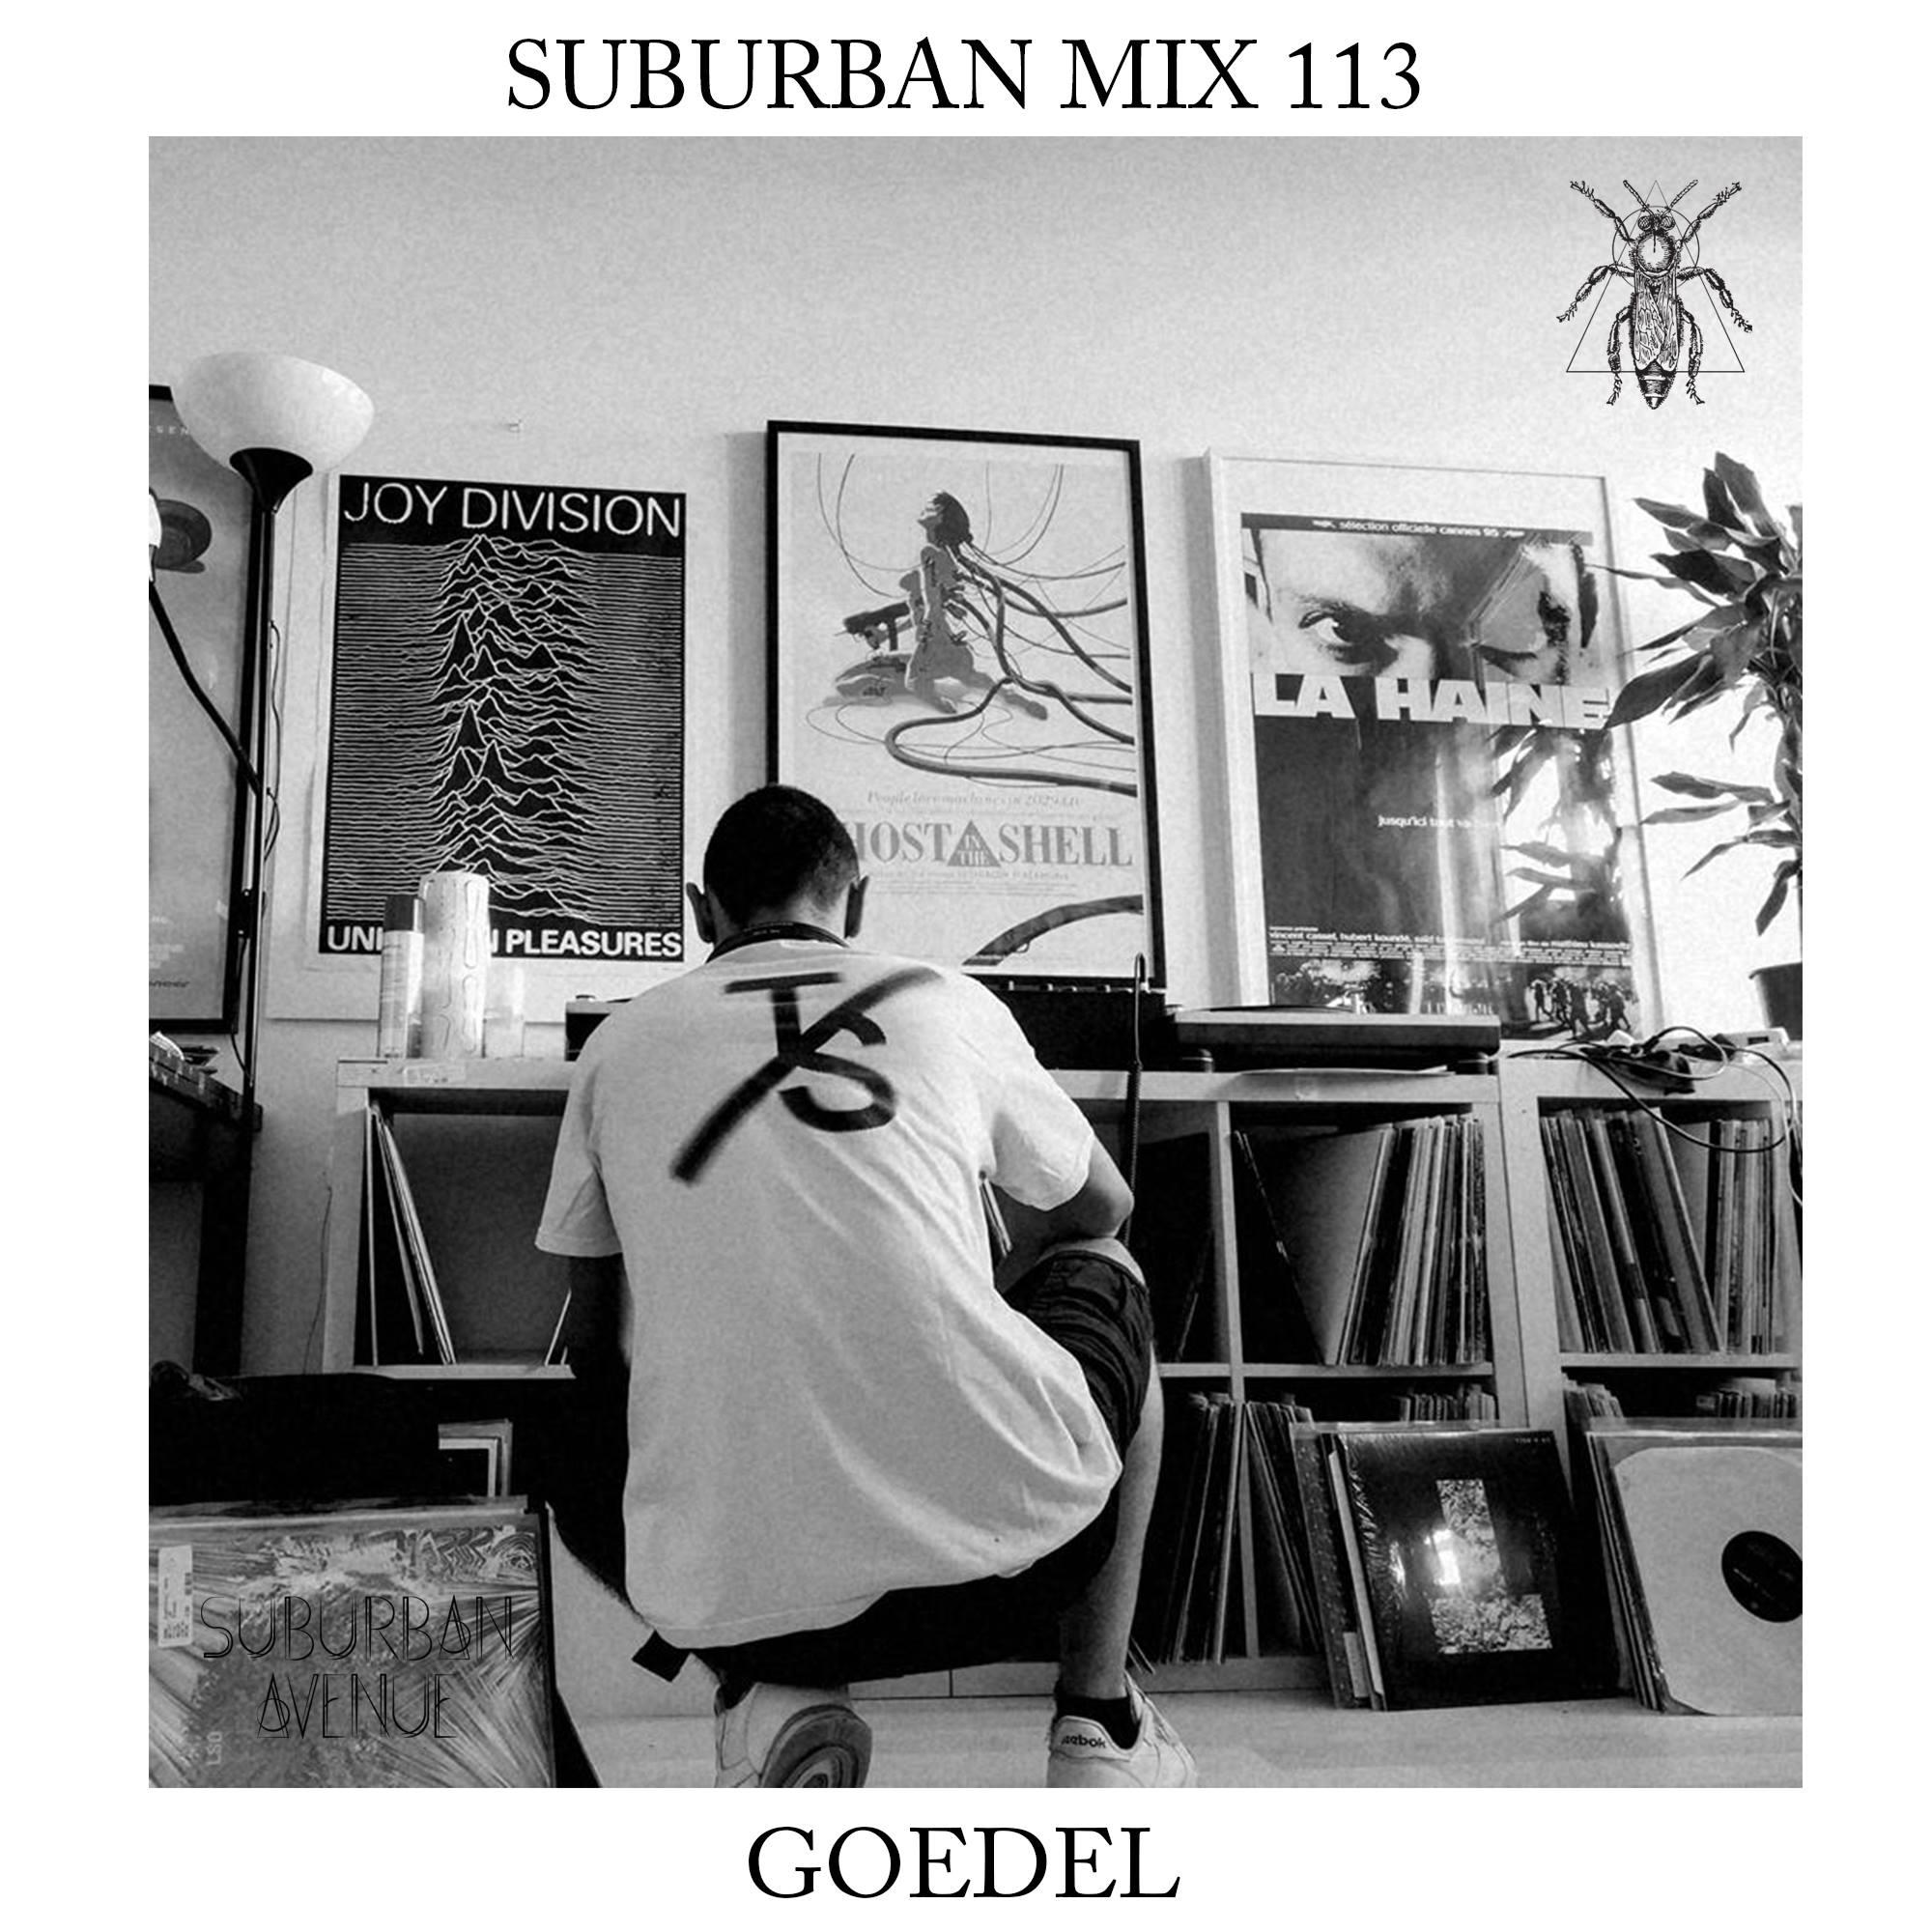 Suburban Mix 113 - Goedel